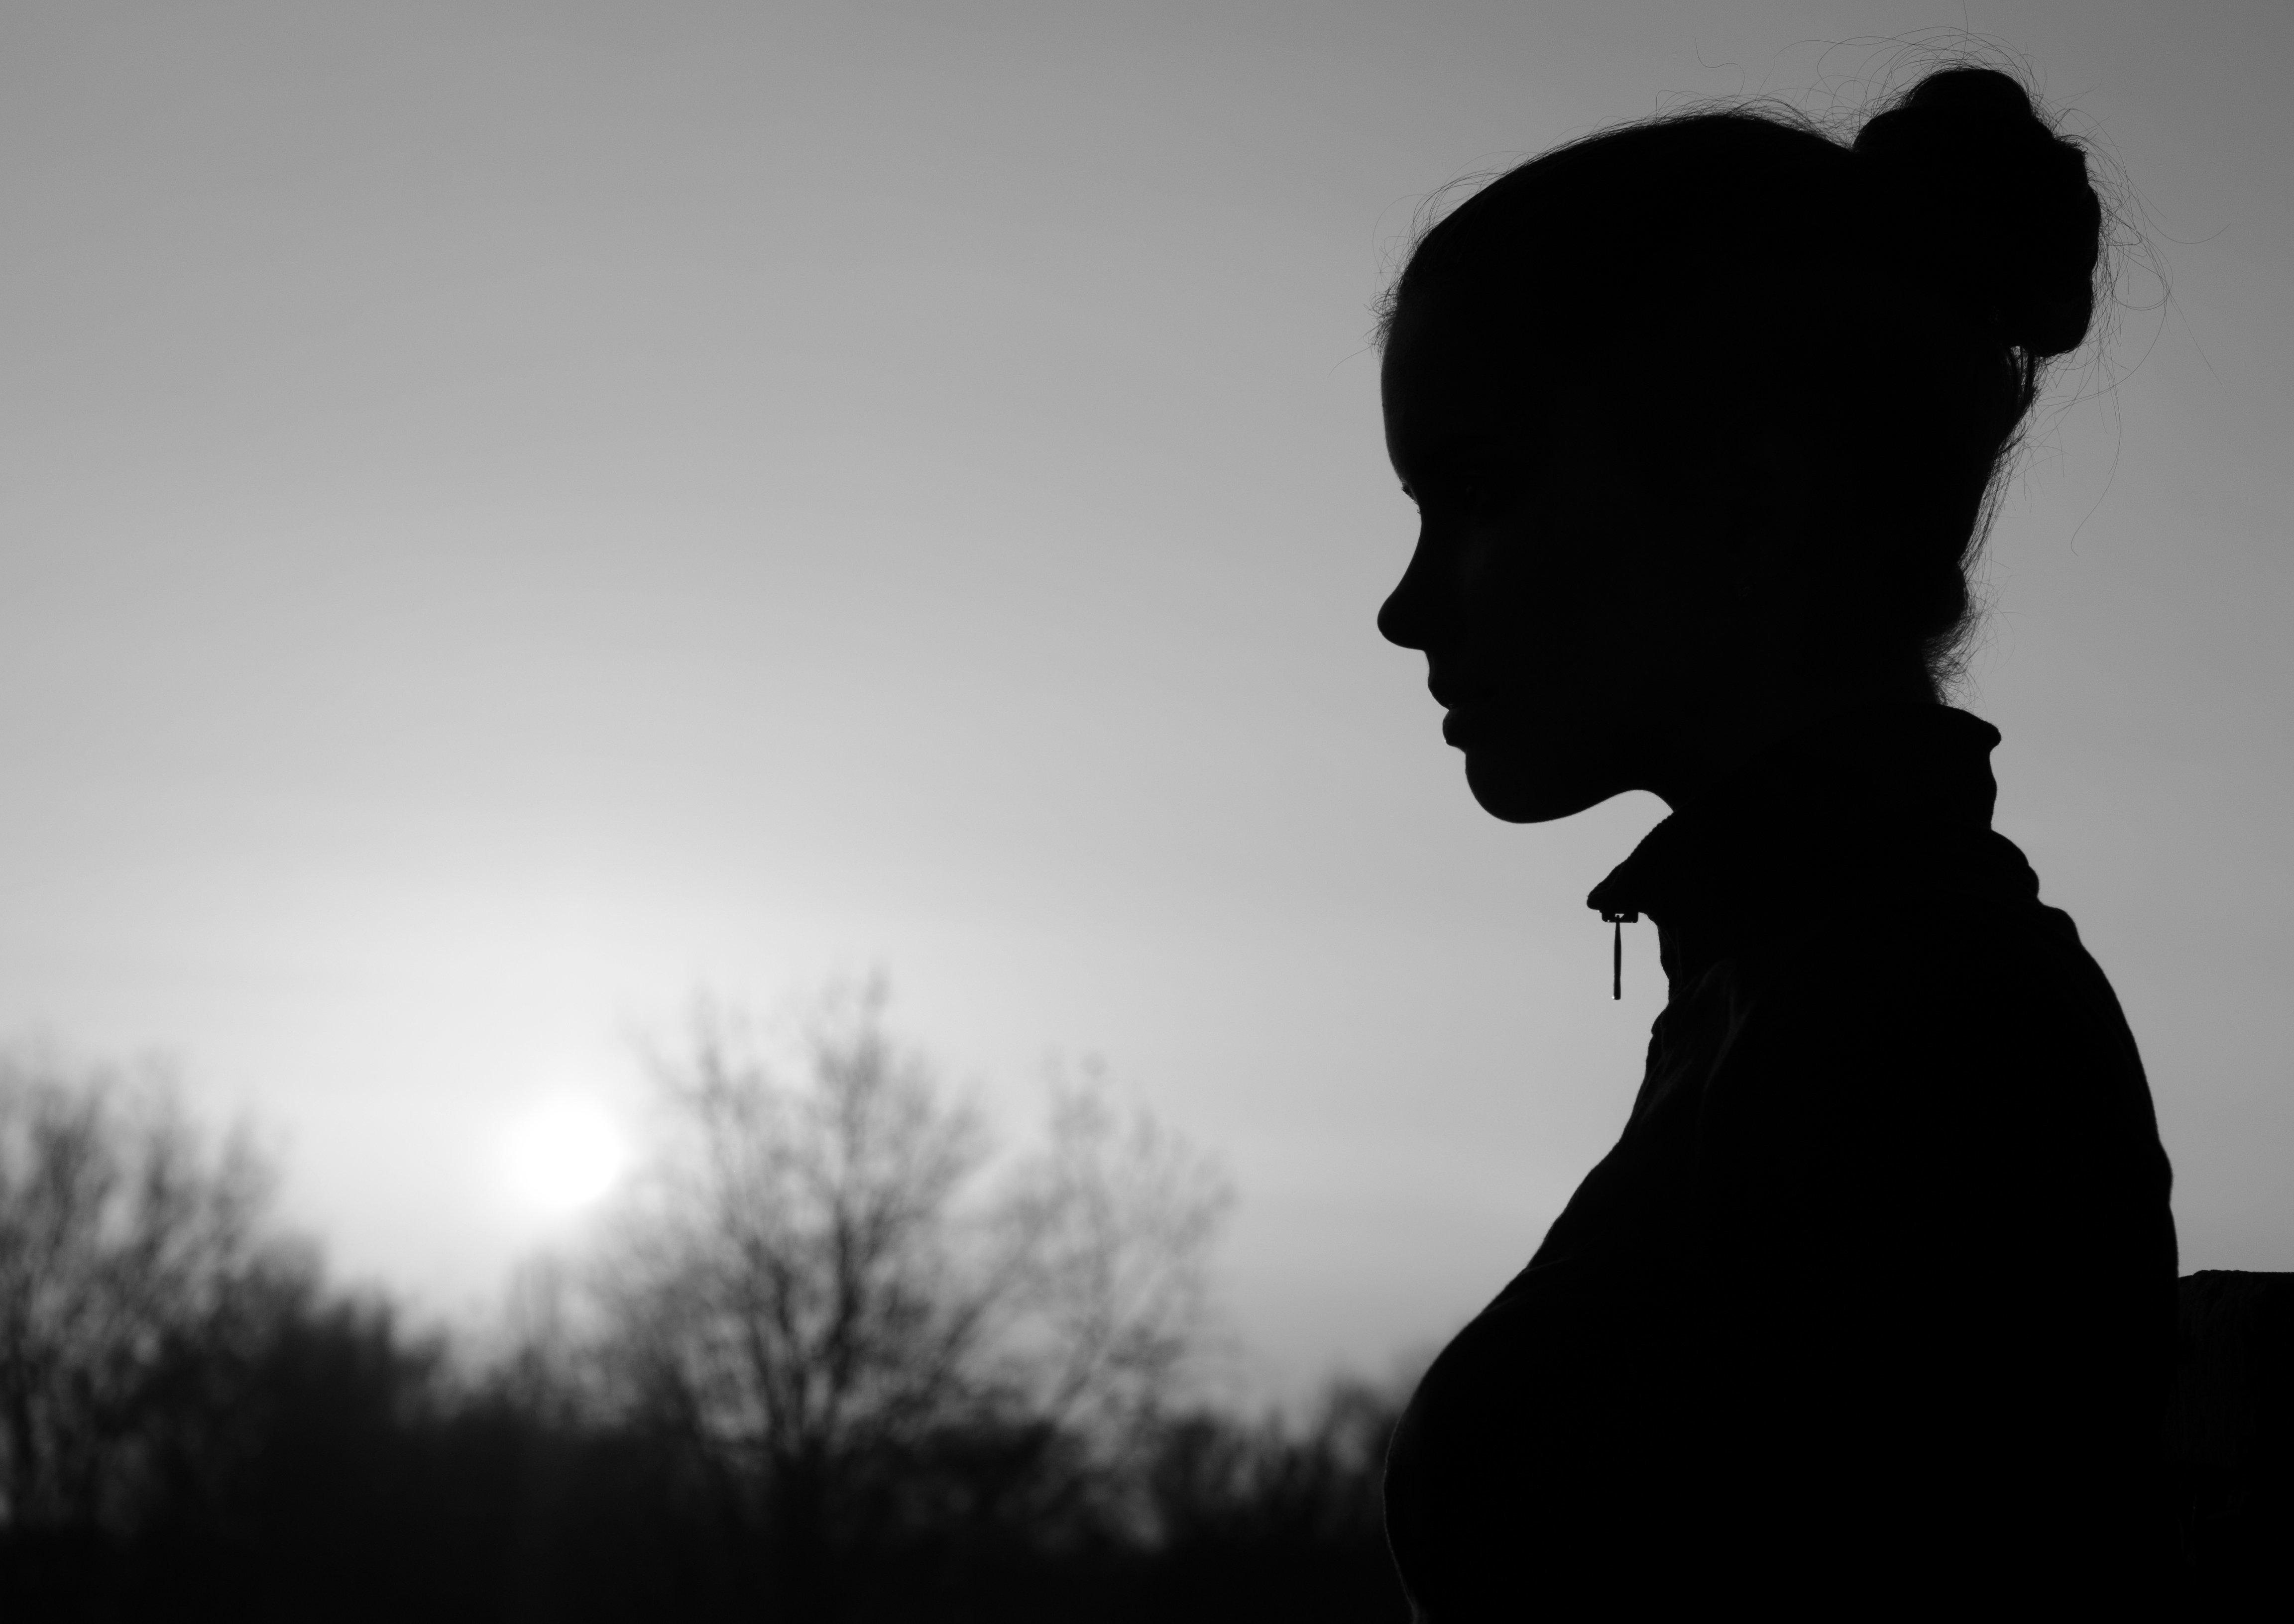 Hamburg: Sex-Attacke auf kleines Mädchen – Polizei sucht